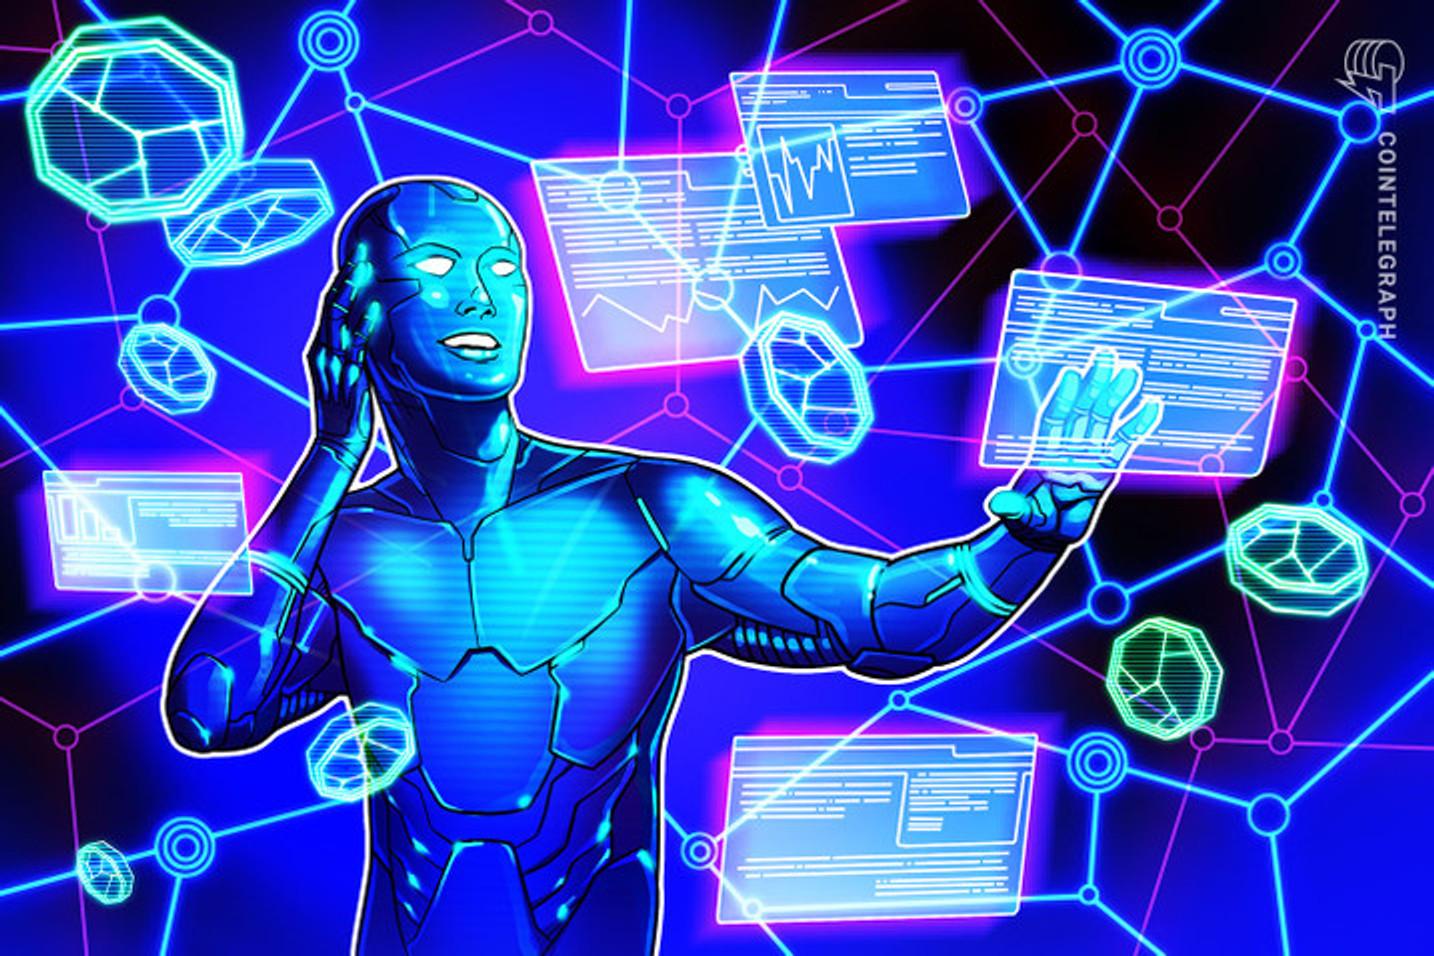 CPQD e wconnect criam 'carteira digital' em blockchain para dados de saúde